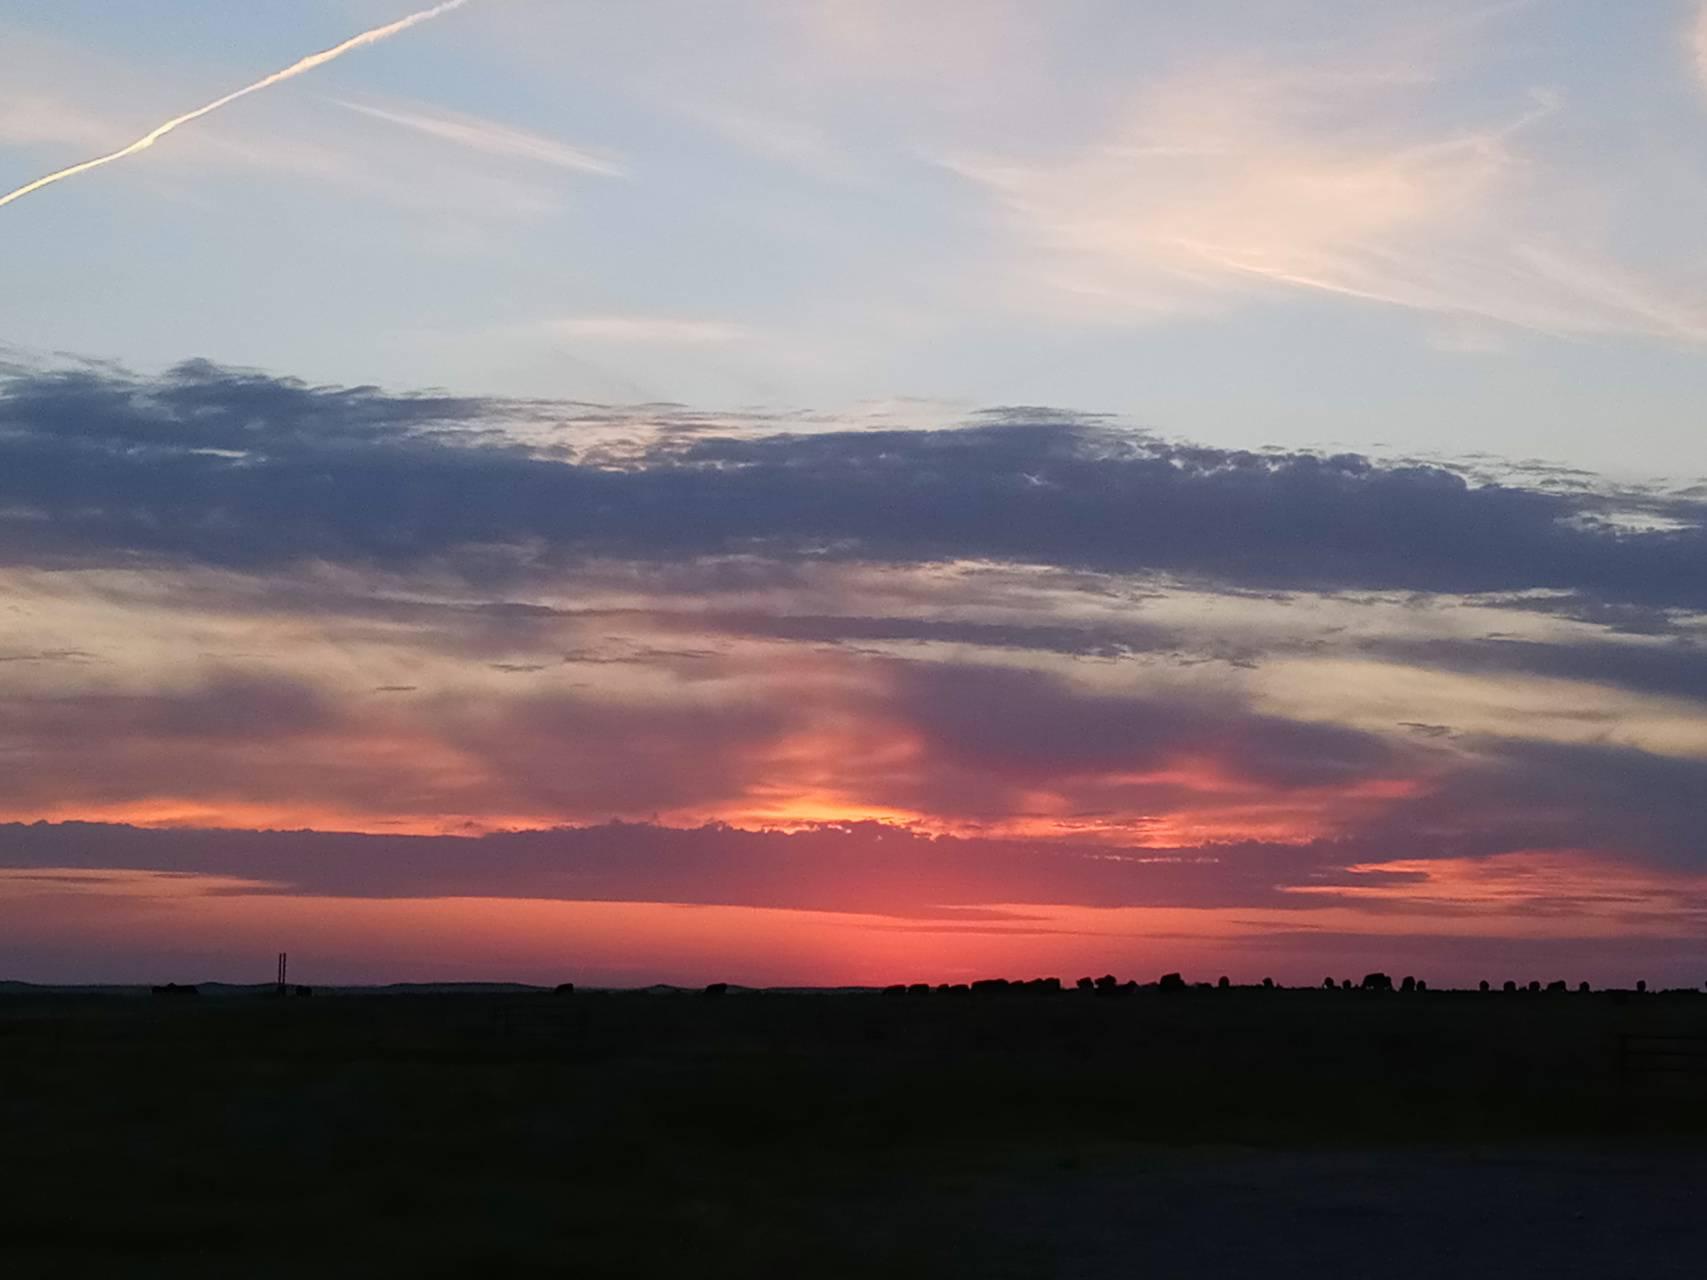 Sky orange sunset